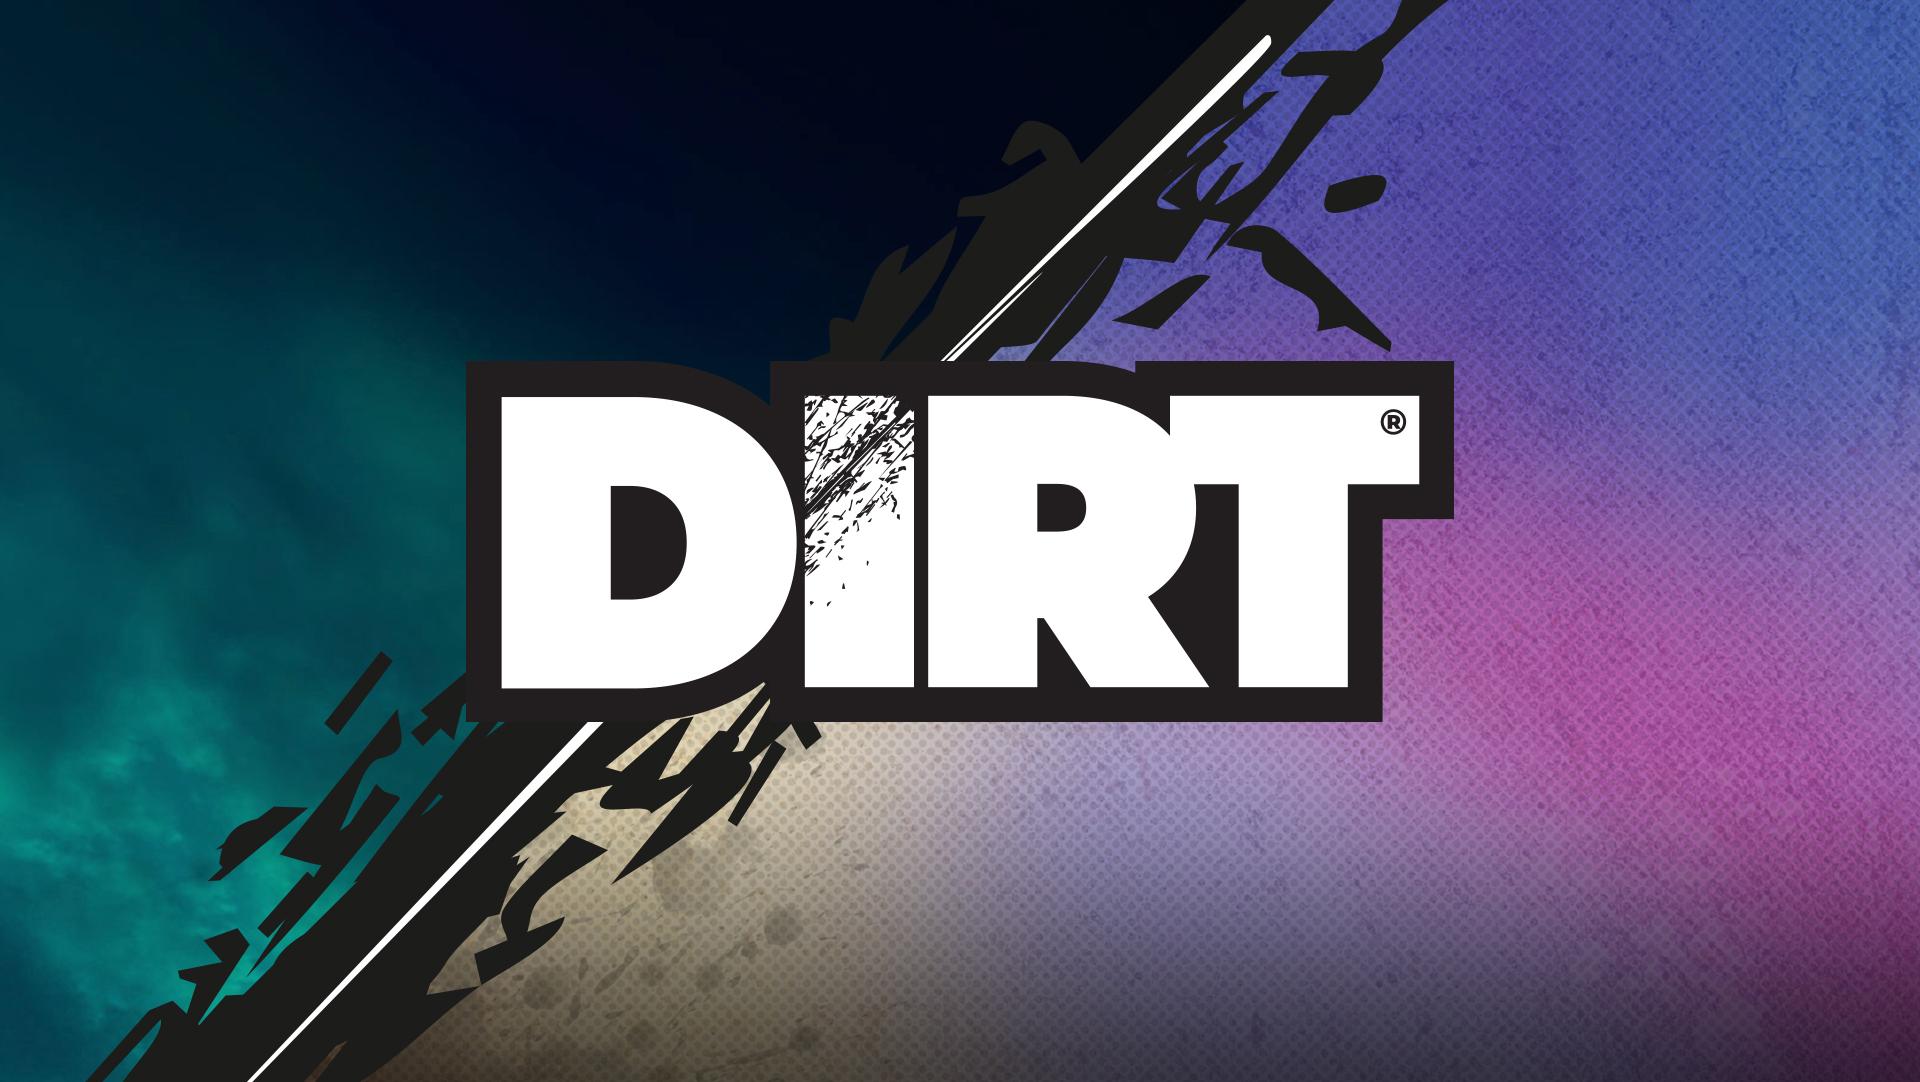 Codemasters тизерят новую DiRT, которая будет отличаться от прошлых игр серии